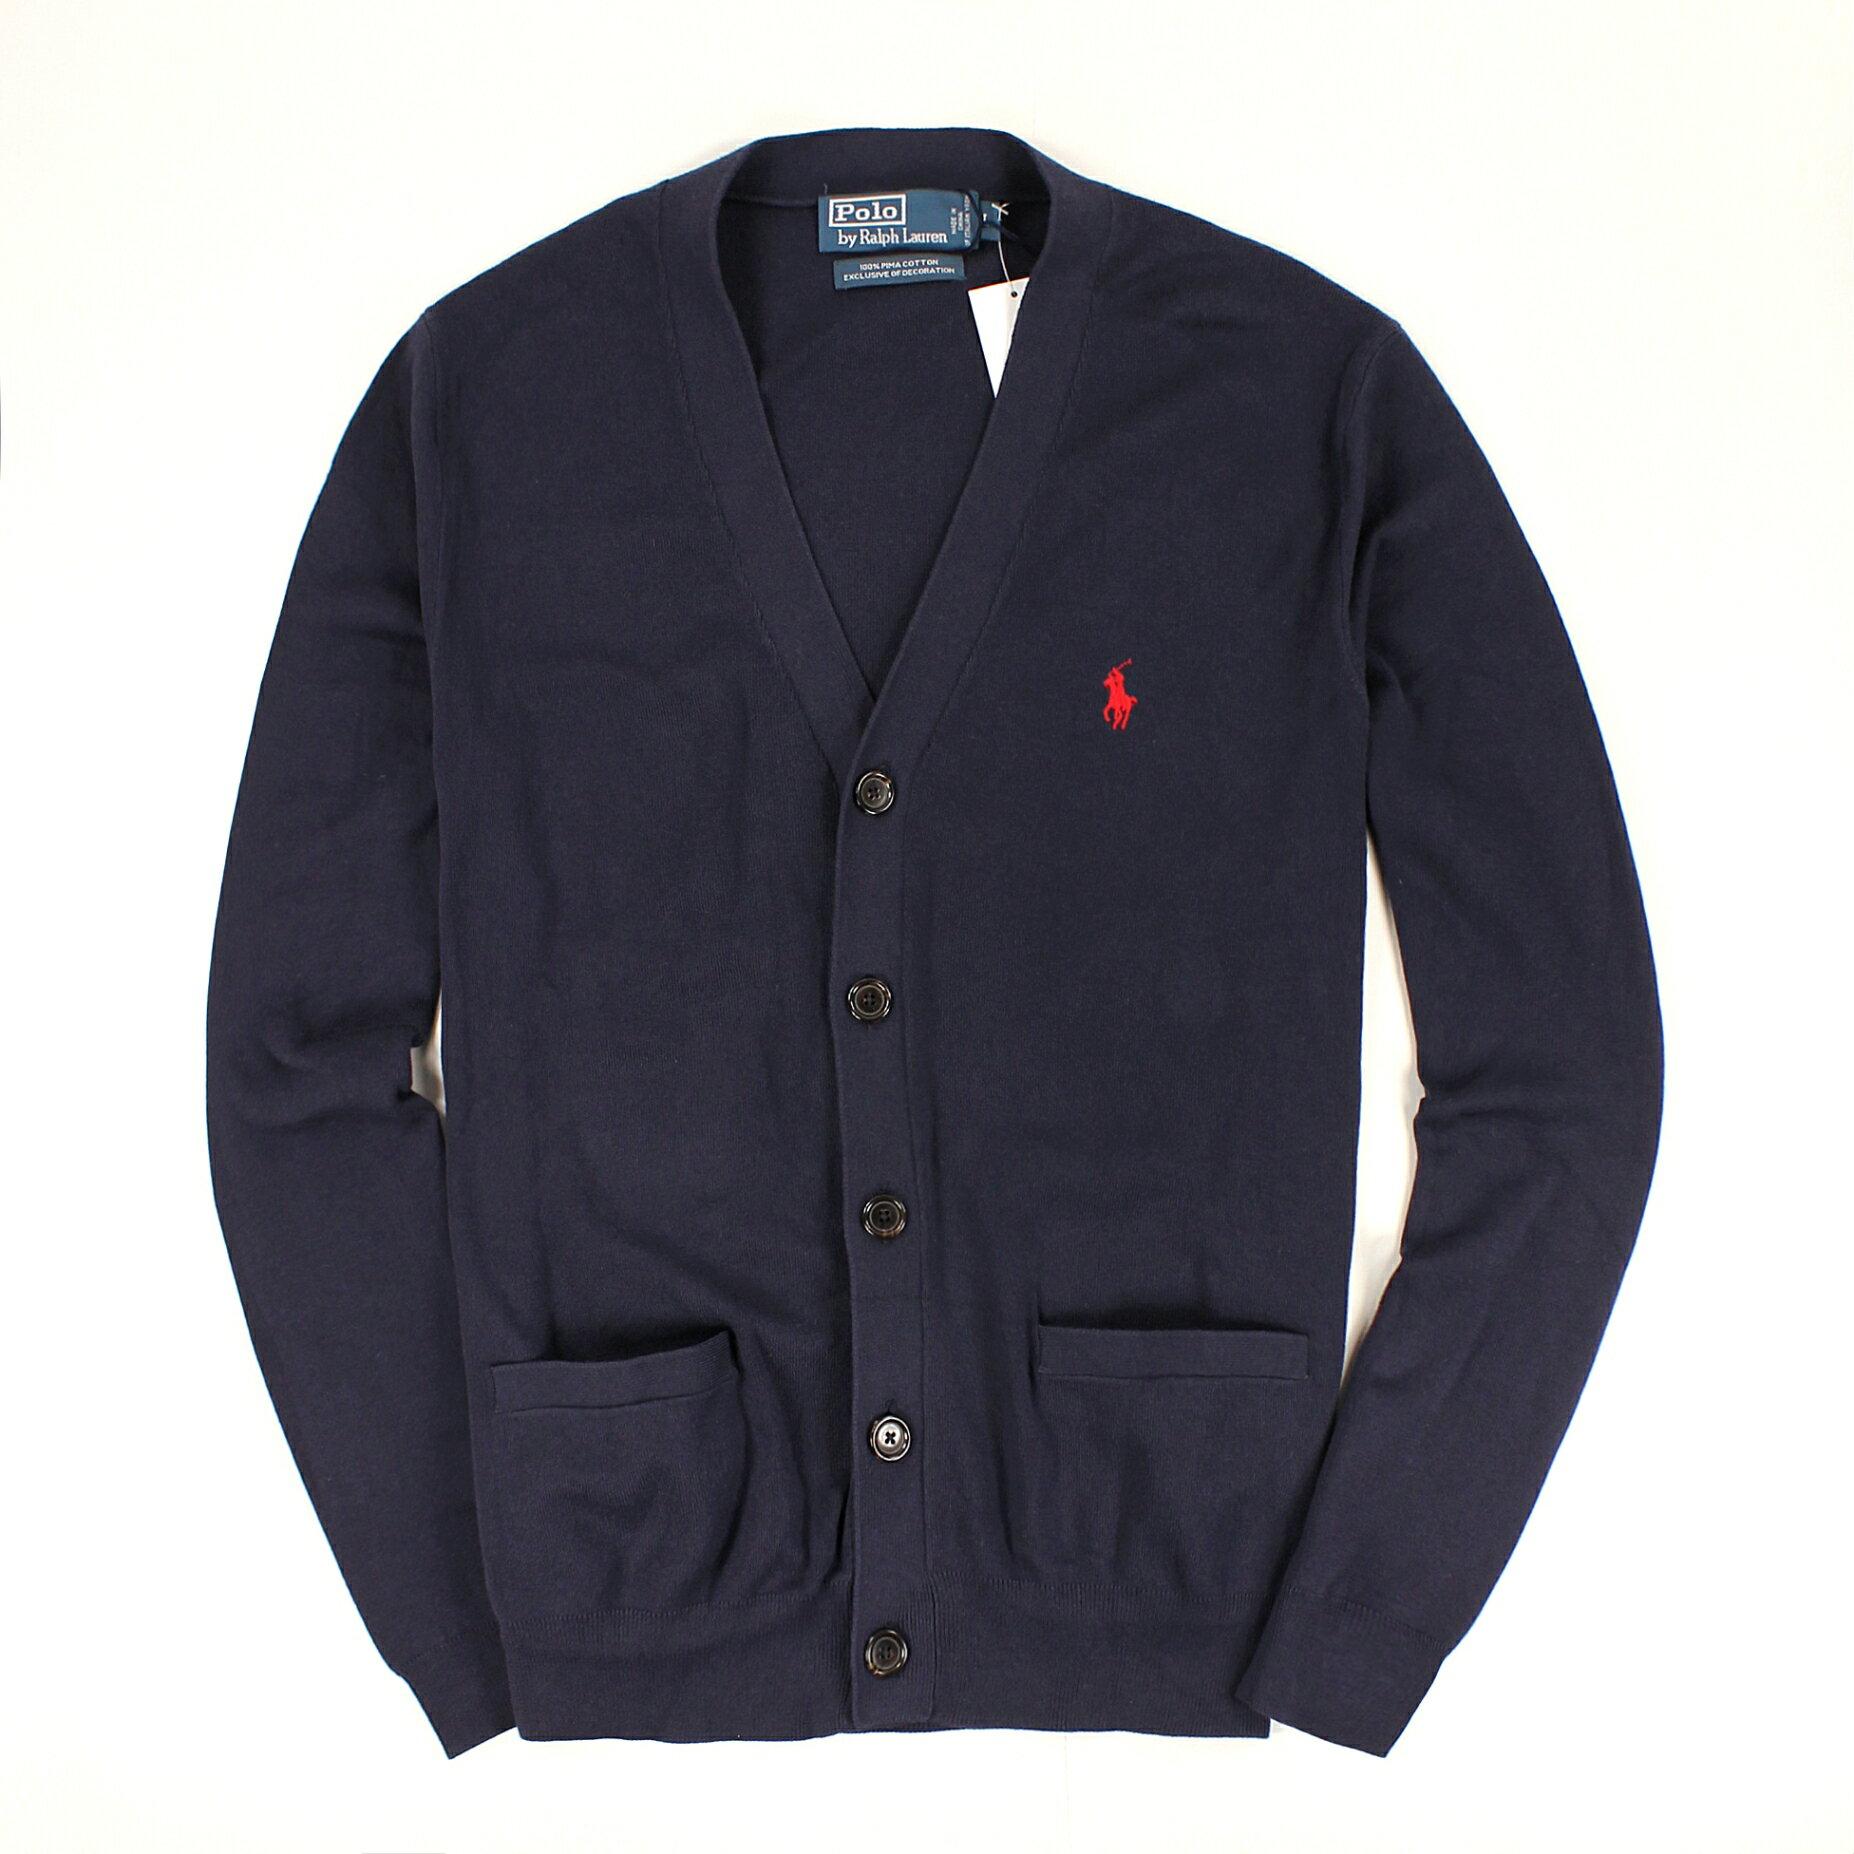 美國百分百【全新真品】Ralph Lauren 針織衫 RL 外套 罩衫 棉質毛衣 Polo 小馬 深藍 口袋 男 L號 C080